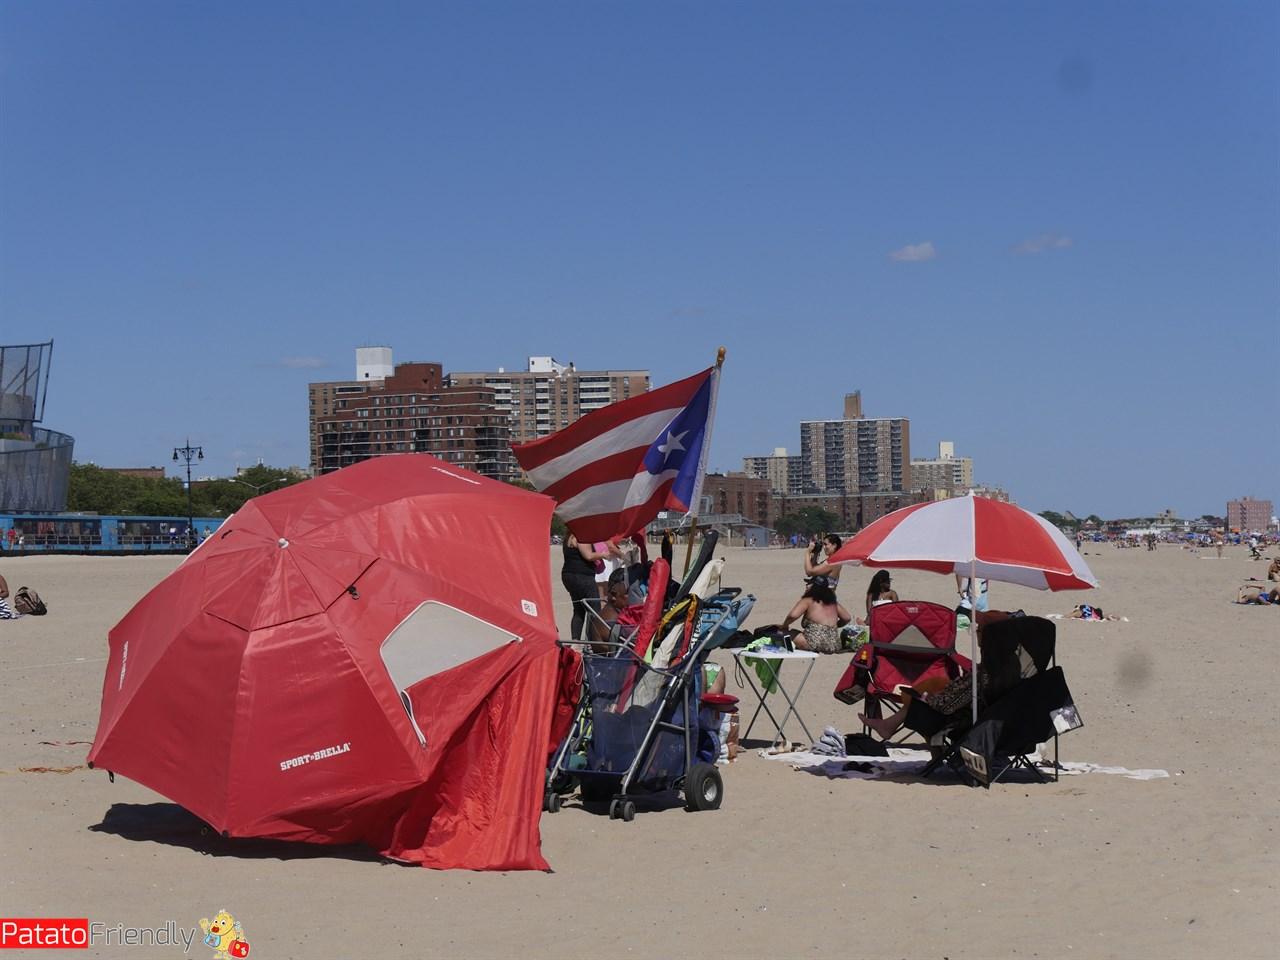 La spiaggia di New York - Coney Island